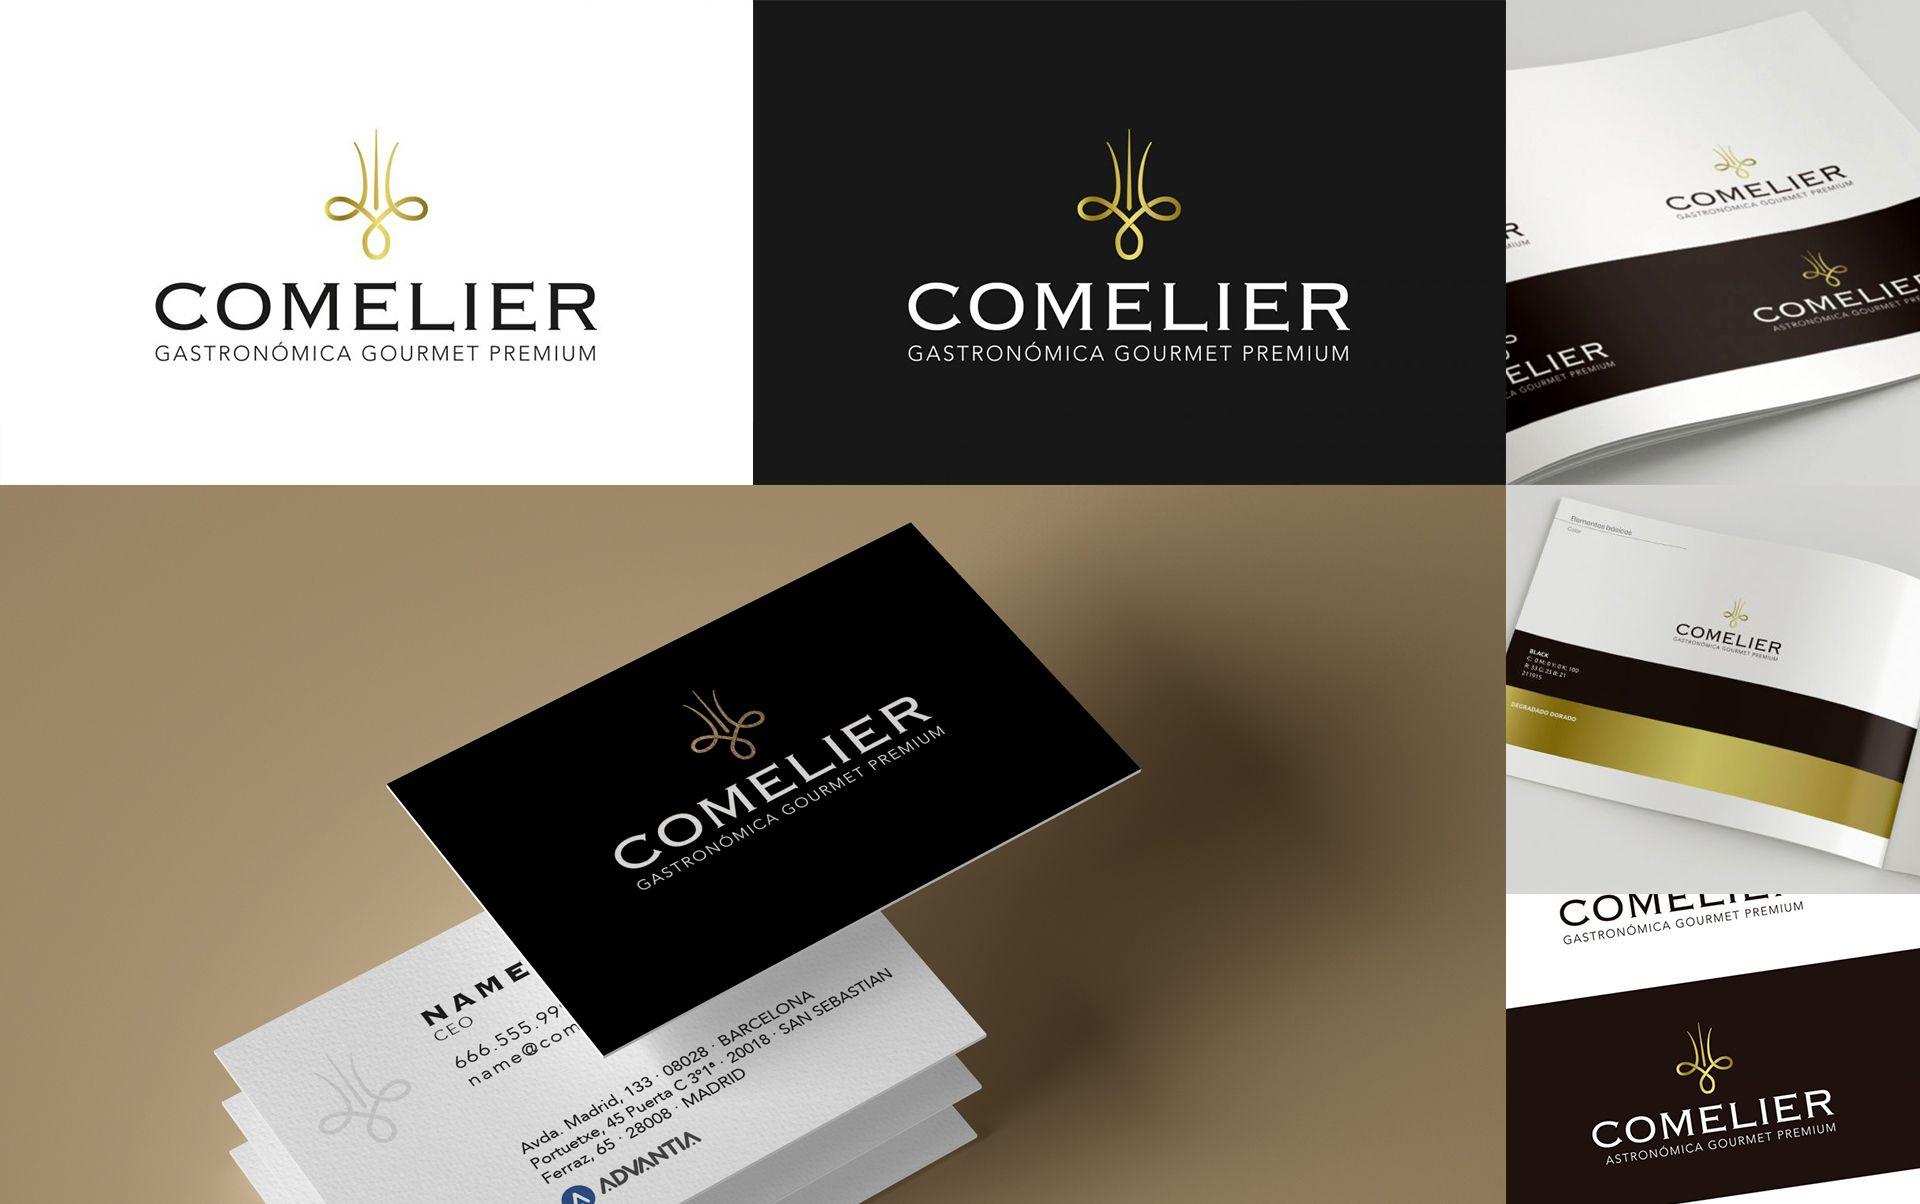 branding y desarrollo de marca - Creación de naming y branding para marca de alimentación